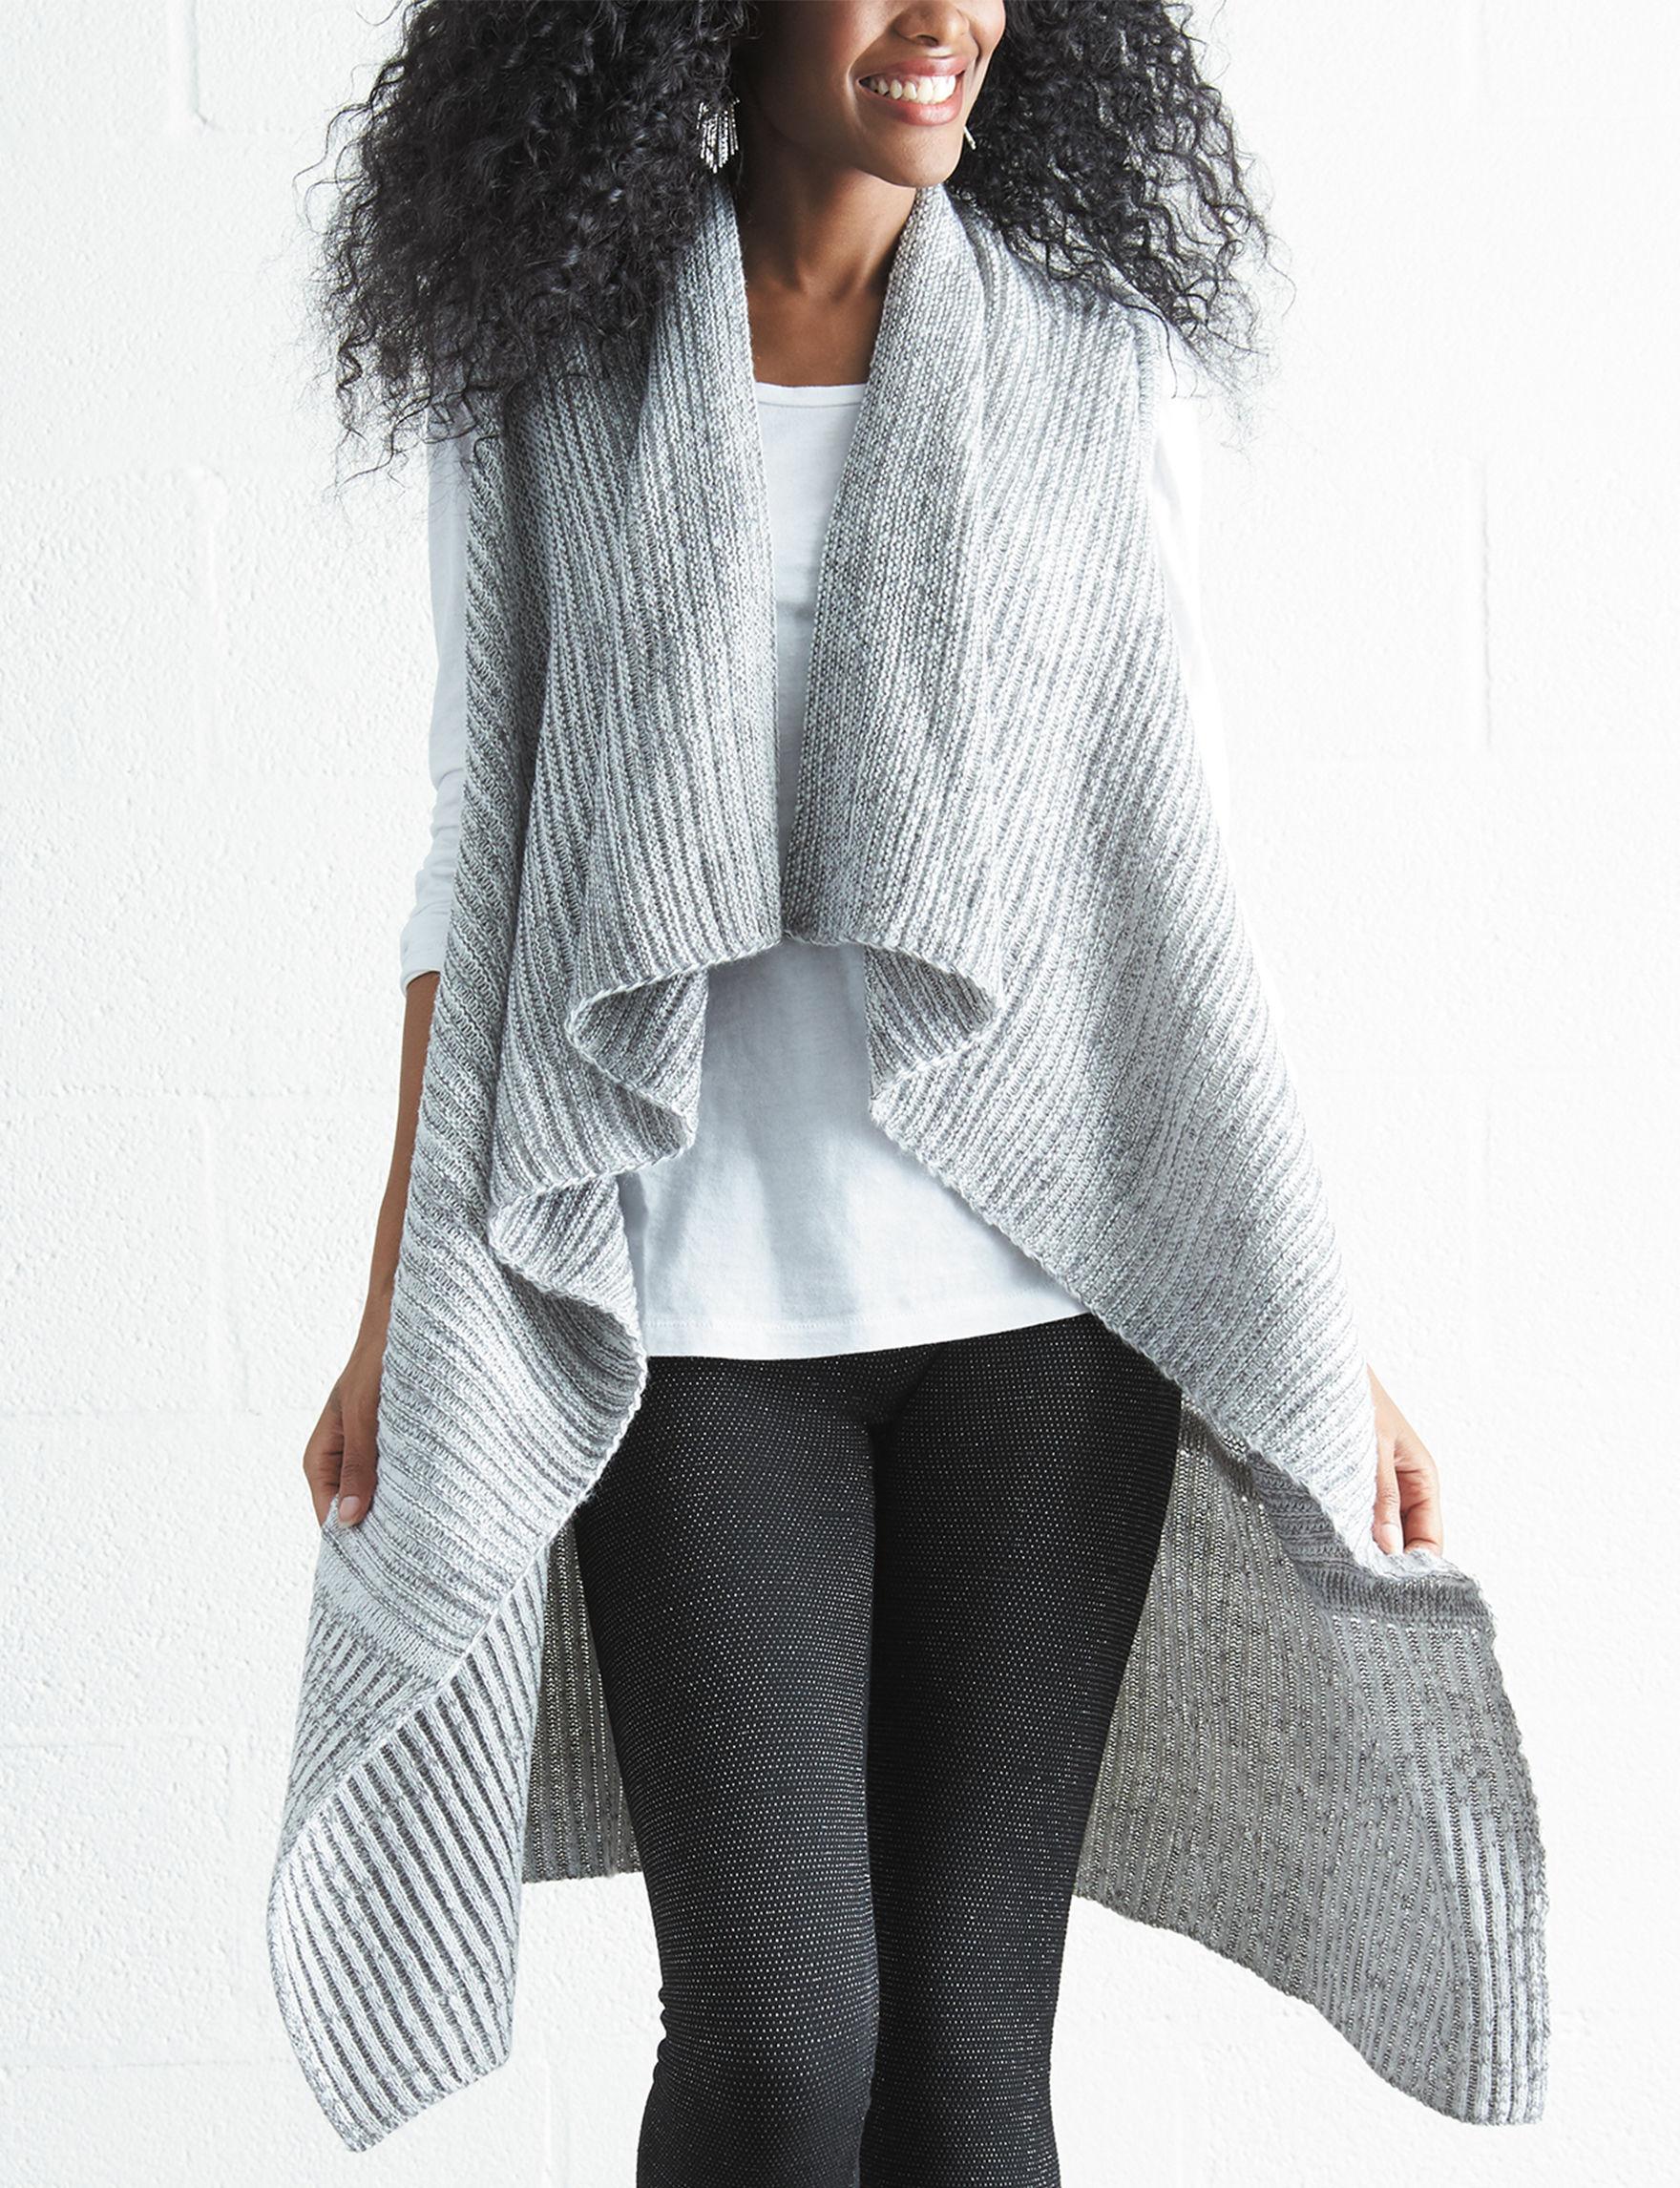 Hannah Grey Vests